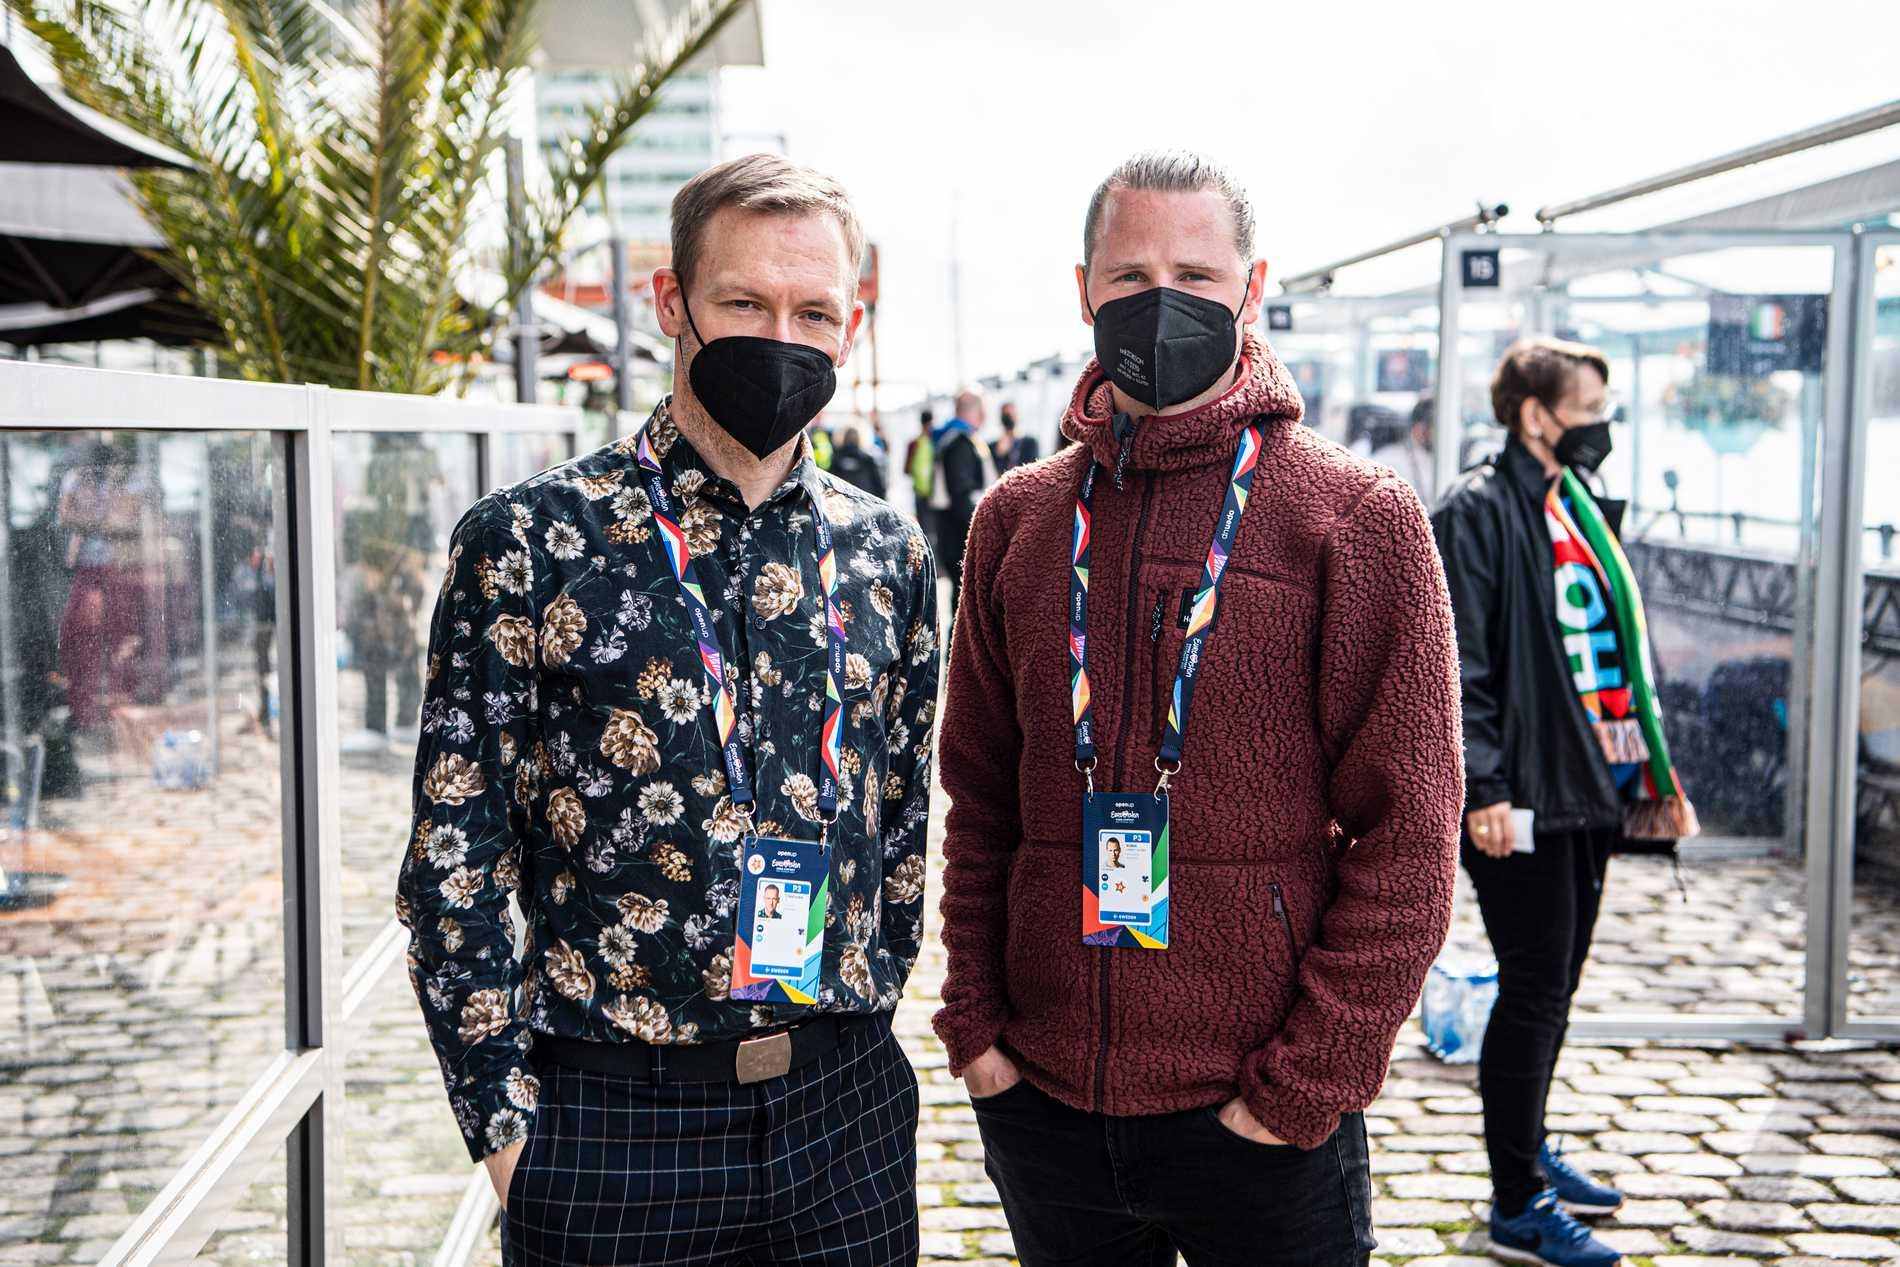 Aftonbladets reporter Torbjörn Ek och fotograf Robin Lorentz-Allard är på plats i Rotterdam för att bevaka Eurovision song contest.